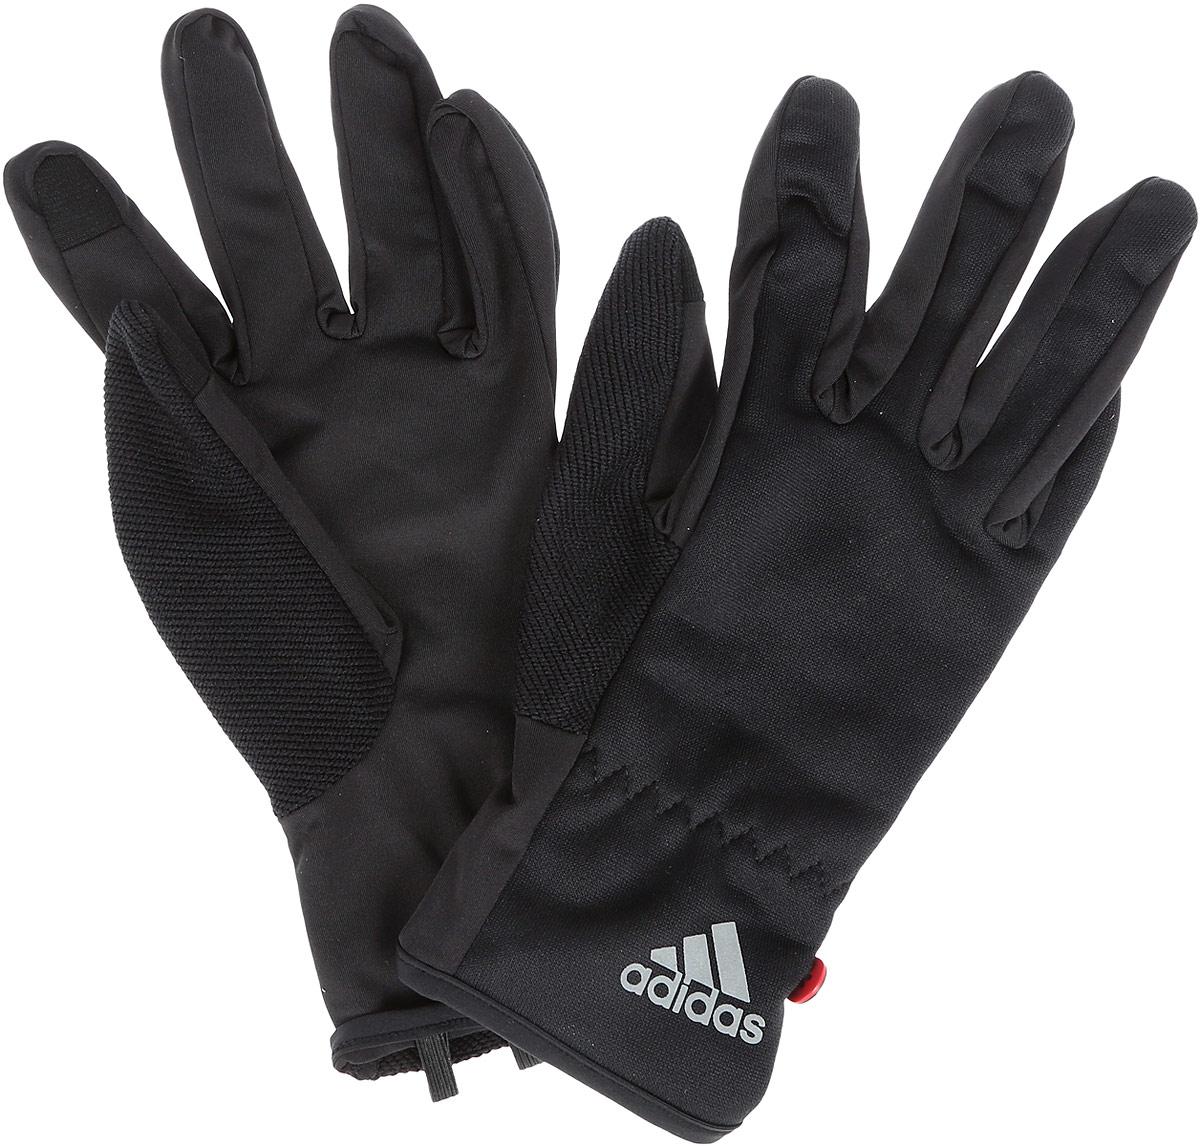 Перчатки для бега adidas Run Clmlt Glove, цвет: черный. S94173. Размер S (18)WRA523700Мягкие и легкие перчатки Adidas Run Clmlt Glove защитят вас от холода и непогоды во время интенсивной тренировки. Технология Сlimalite способствуетбыстрому выведению влаги с поверхности тела. Модель оформлена логотипом бренда.Выделяйтесь из толпы благодаря стильному дизайну перчаток.